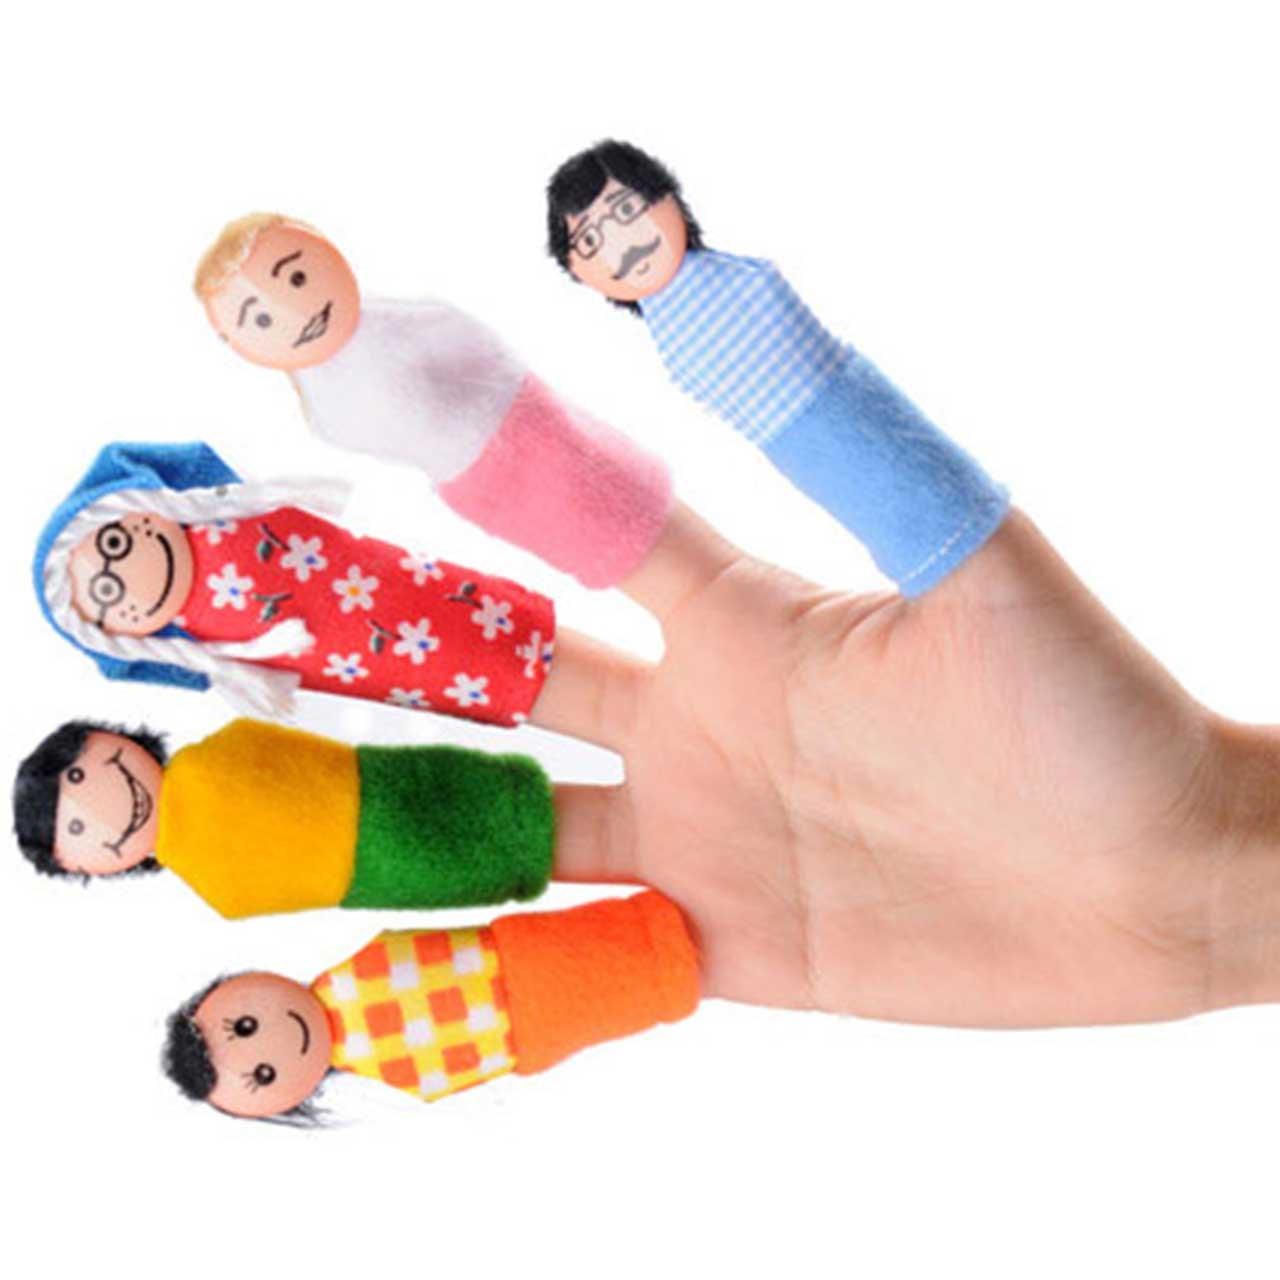 عروسک انگشتی شادی رویان مدل خانواده بسته 5 عددی